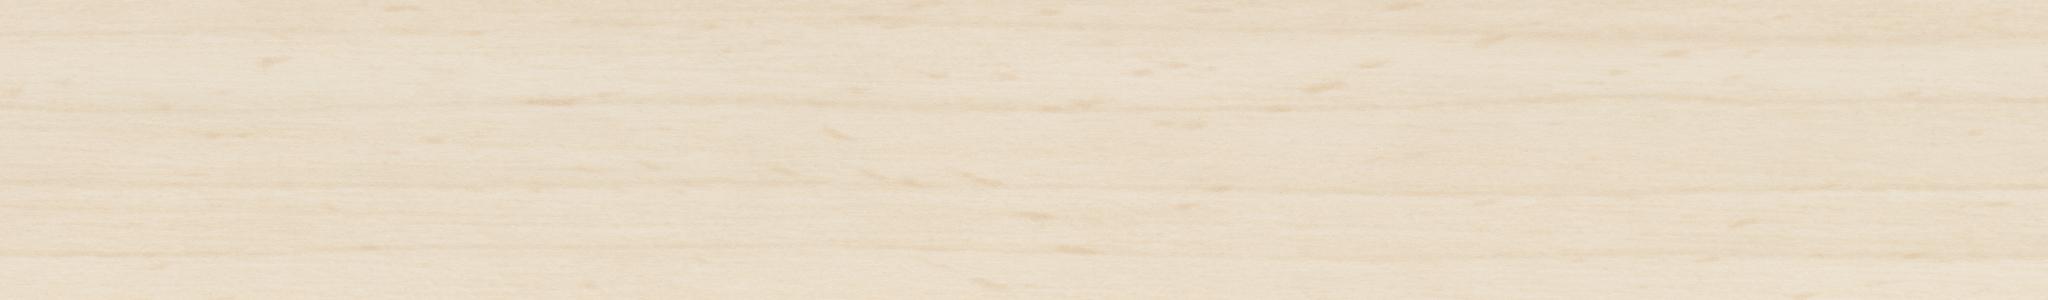 HD 261008 Кромка ABS Дикая Груша - Гладкая - Мягкая Матовая